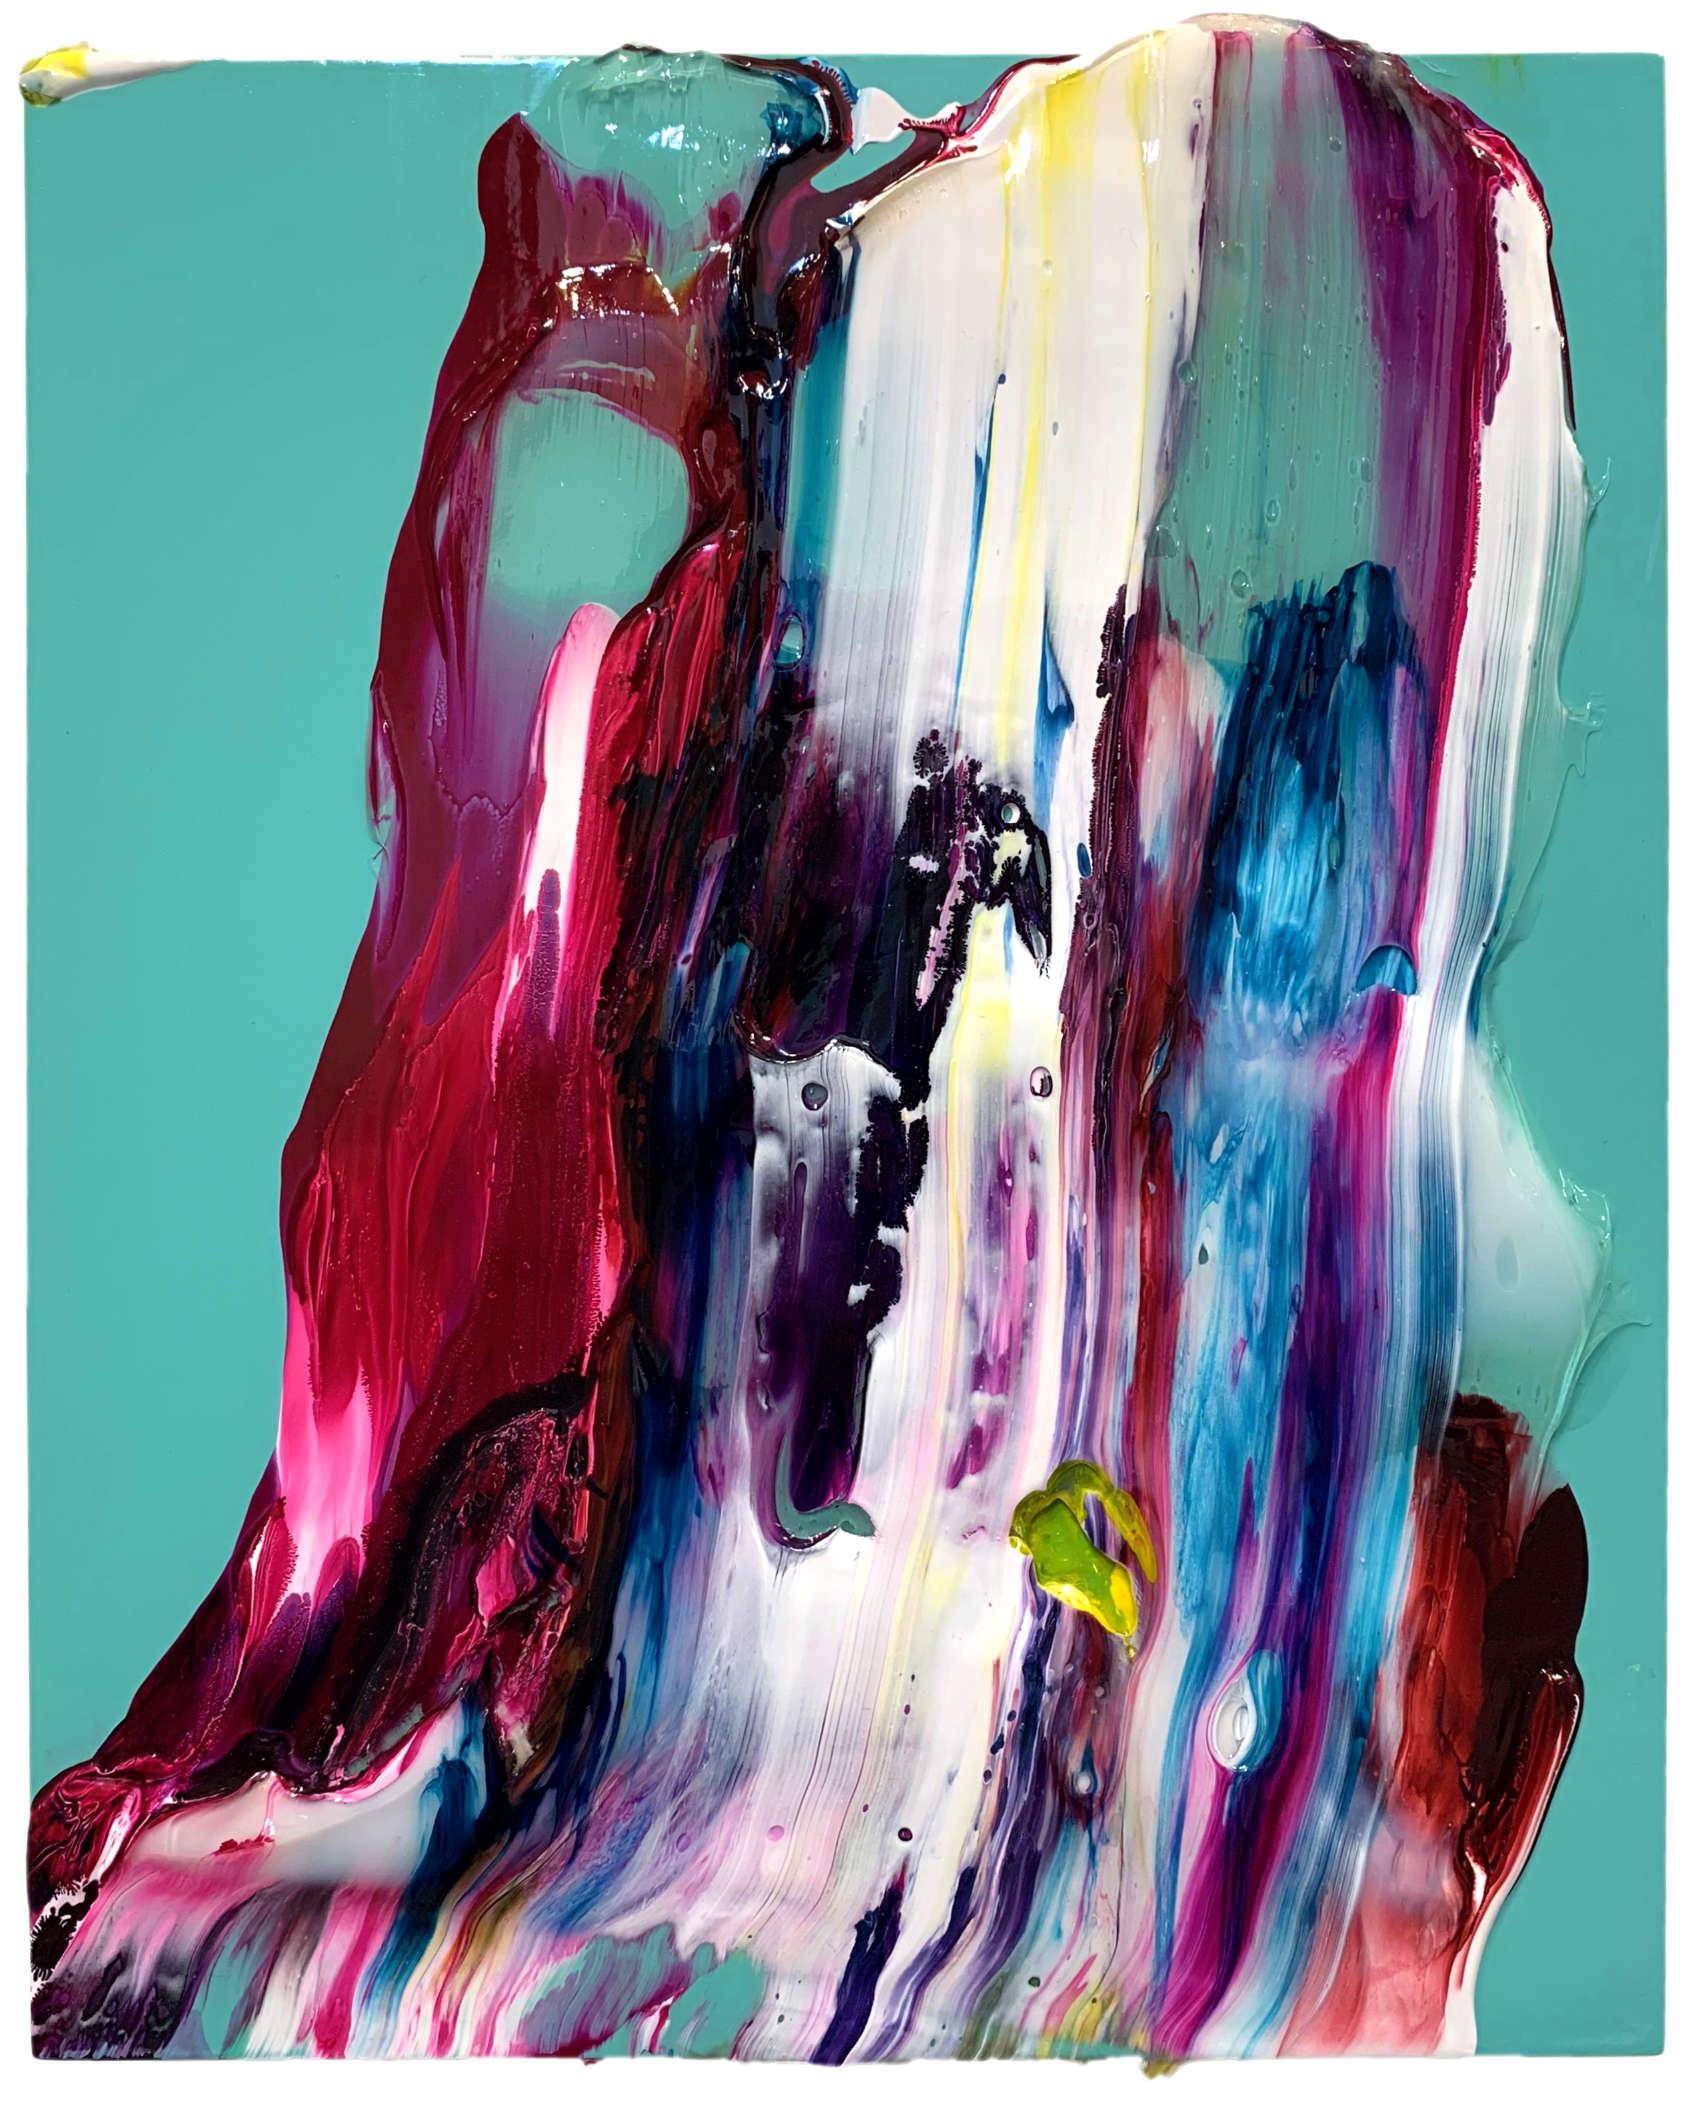 Sans titre, 2019, peinture acrylique sur bois, 24 x 30 cm